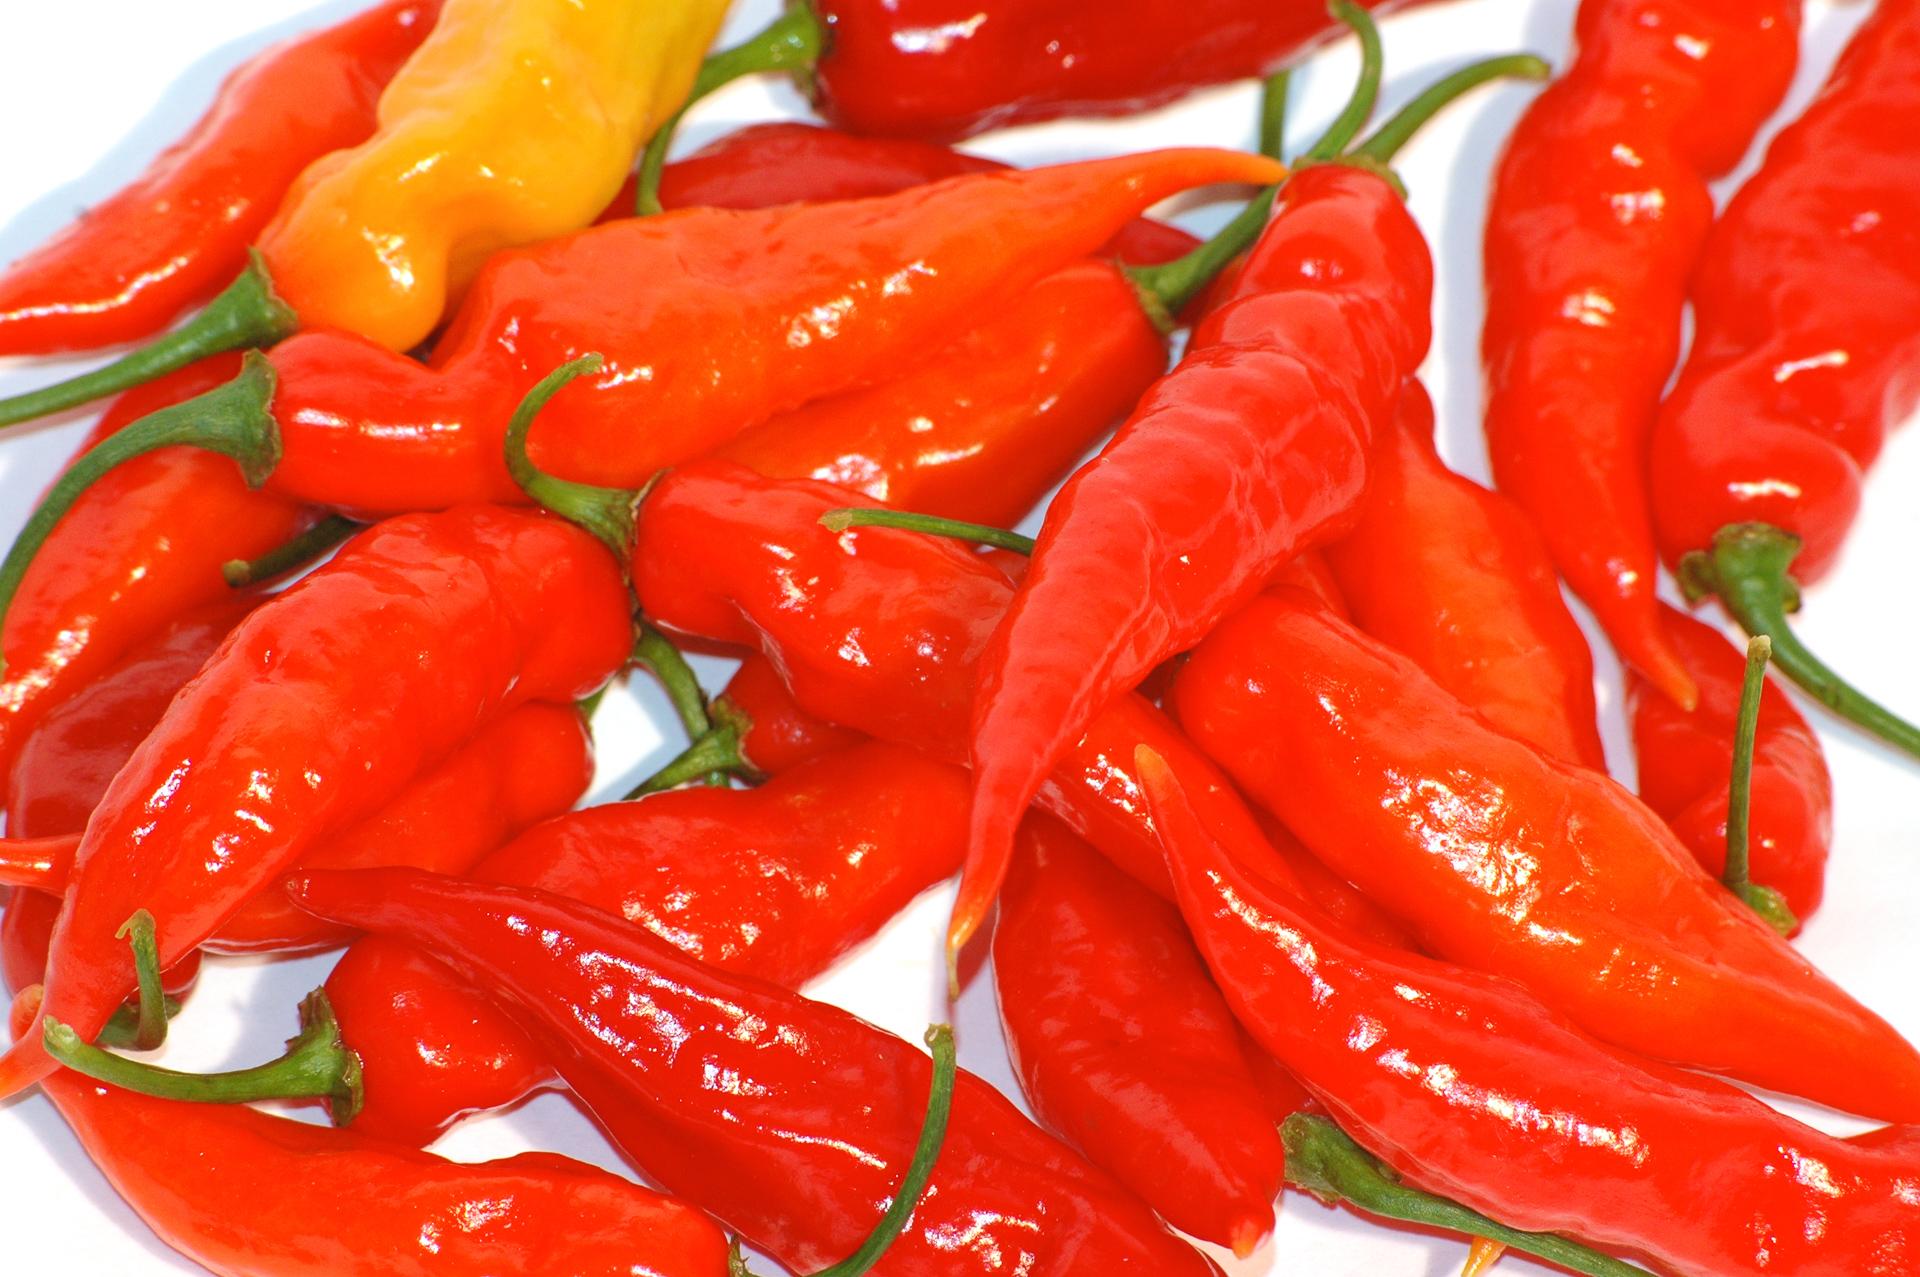 Sok Hu - Capsicum annuum - Chilisorte